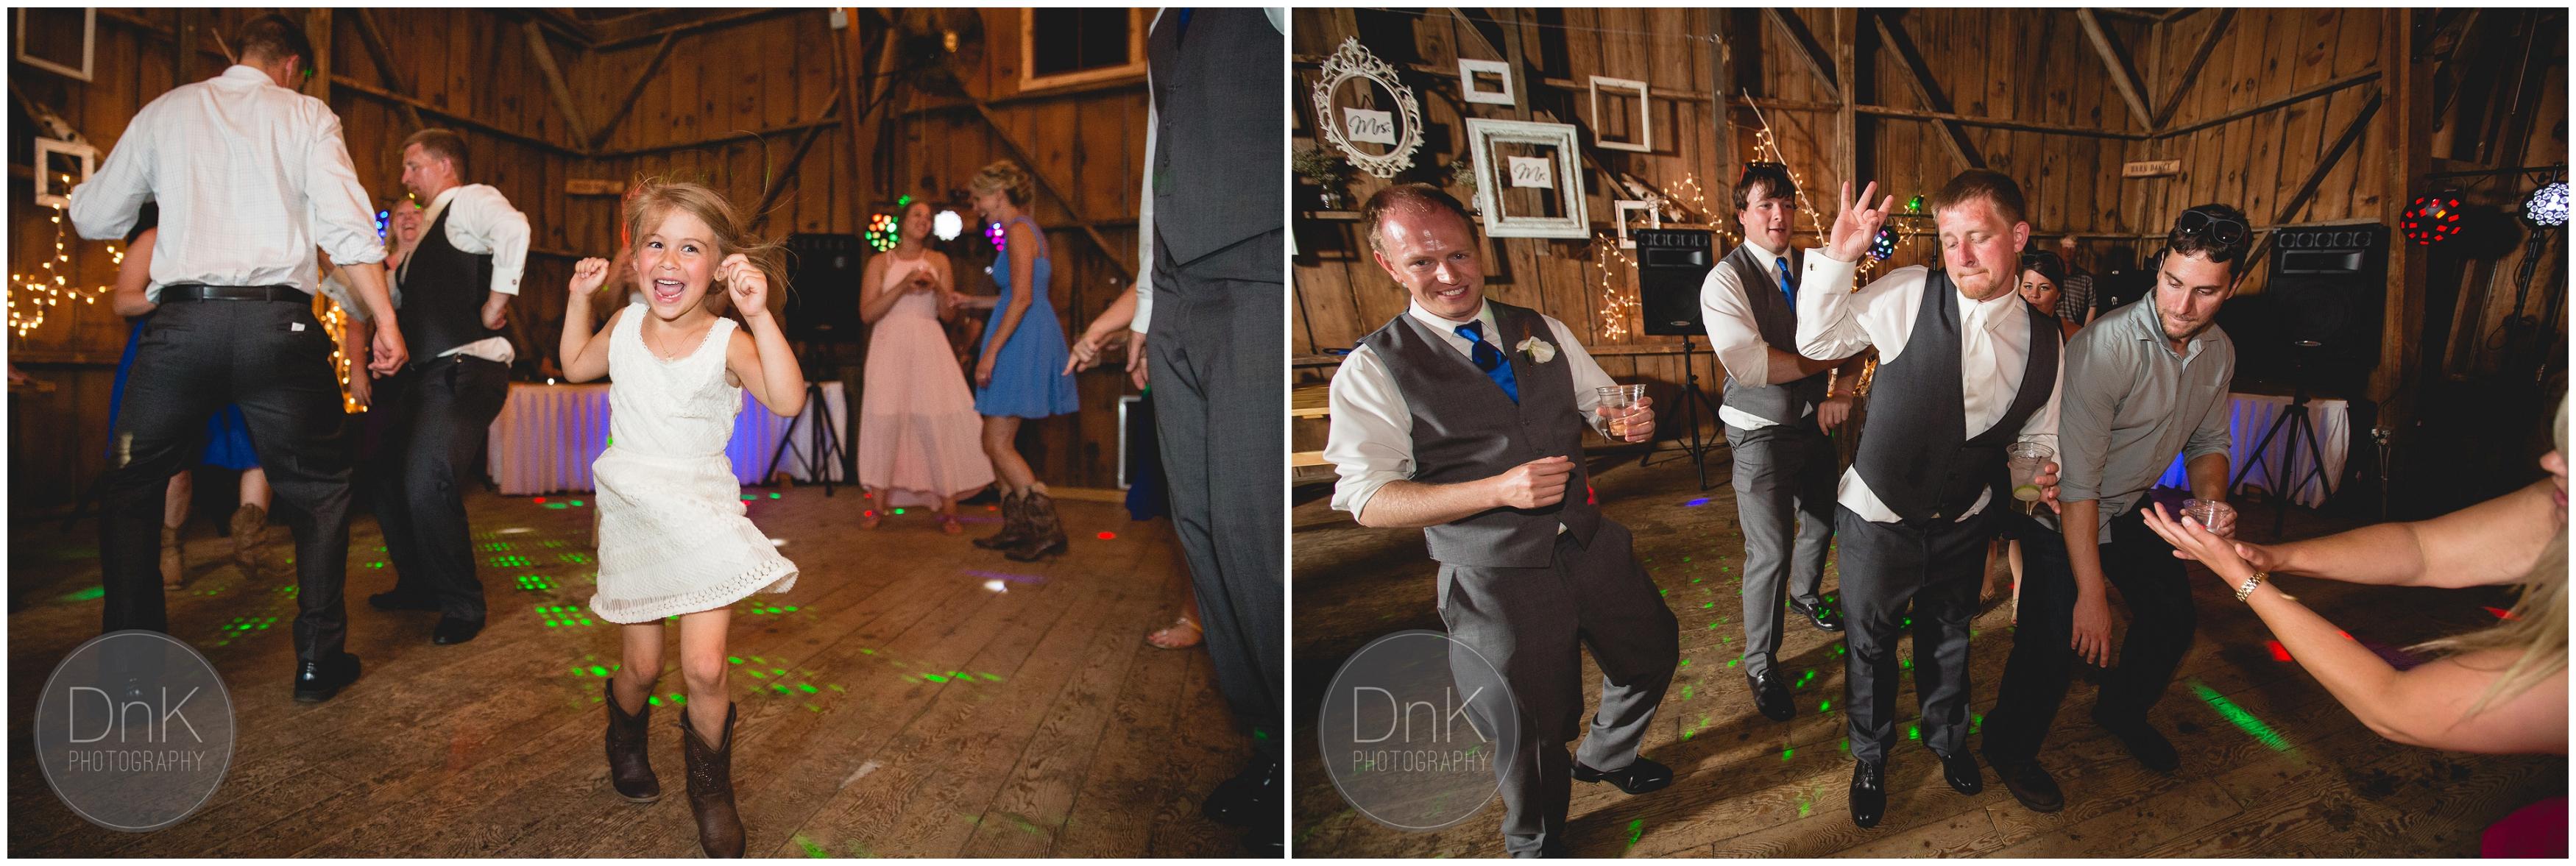 48- Dellwood Barn Wedding Dance